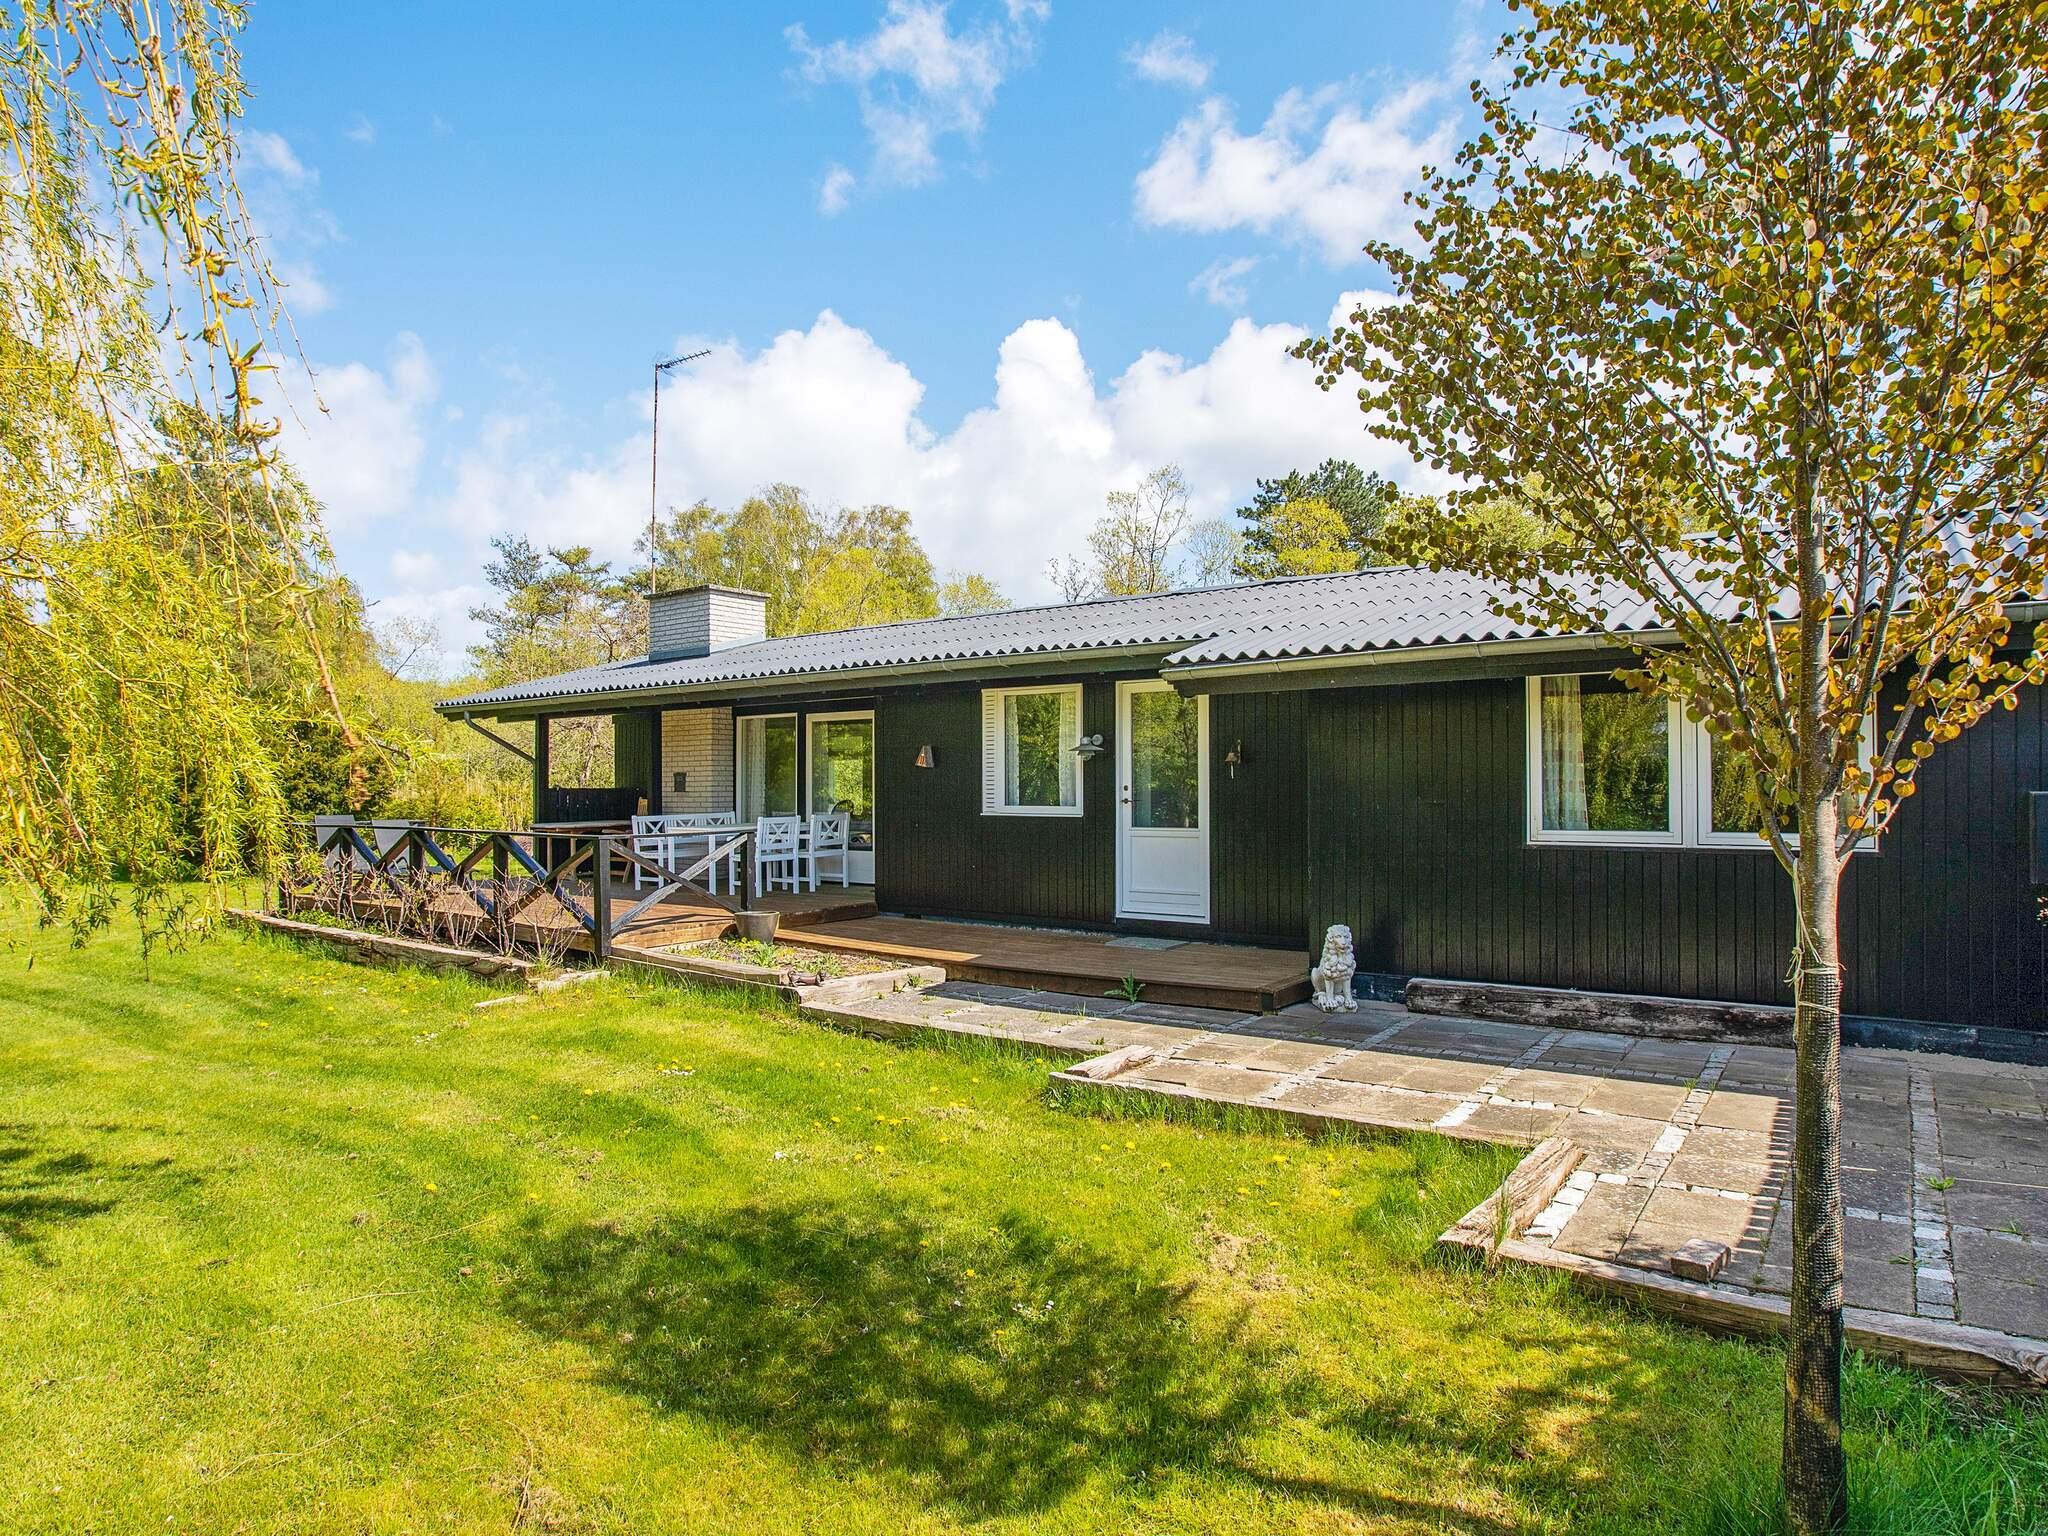 Ferienhaus Udsholt Strand (2584321), Udsholt, , Nordseeland, Dänemark, Bild 11